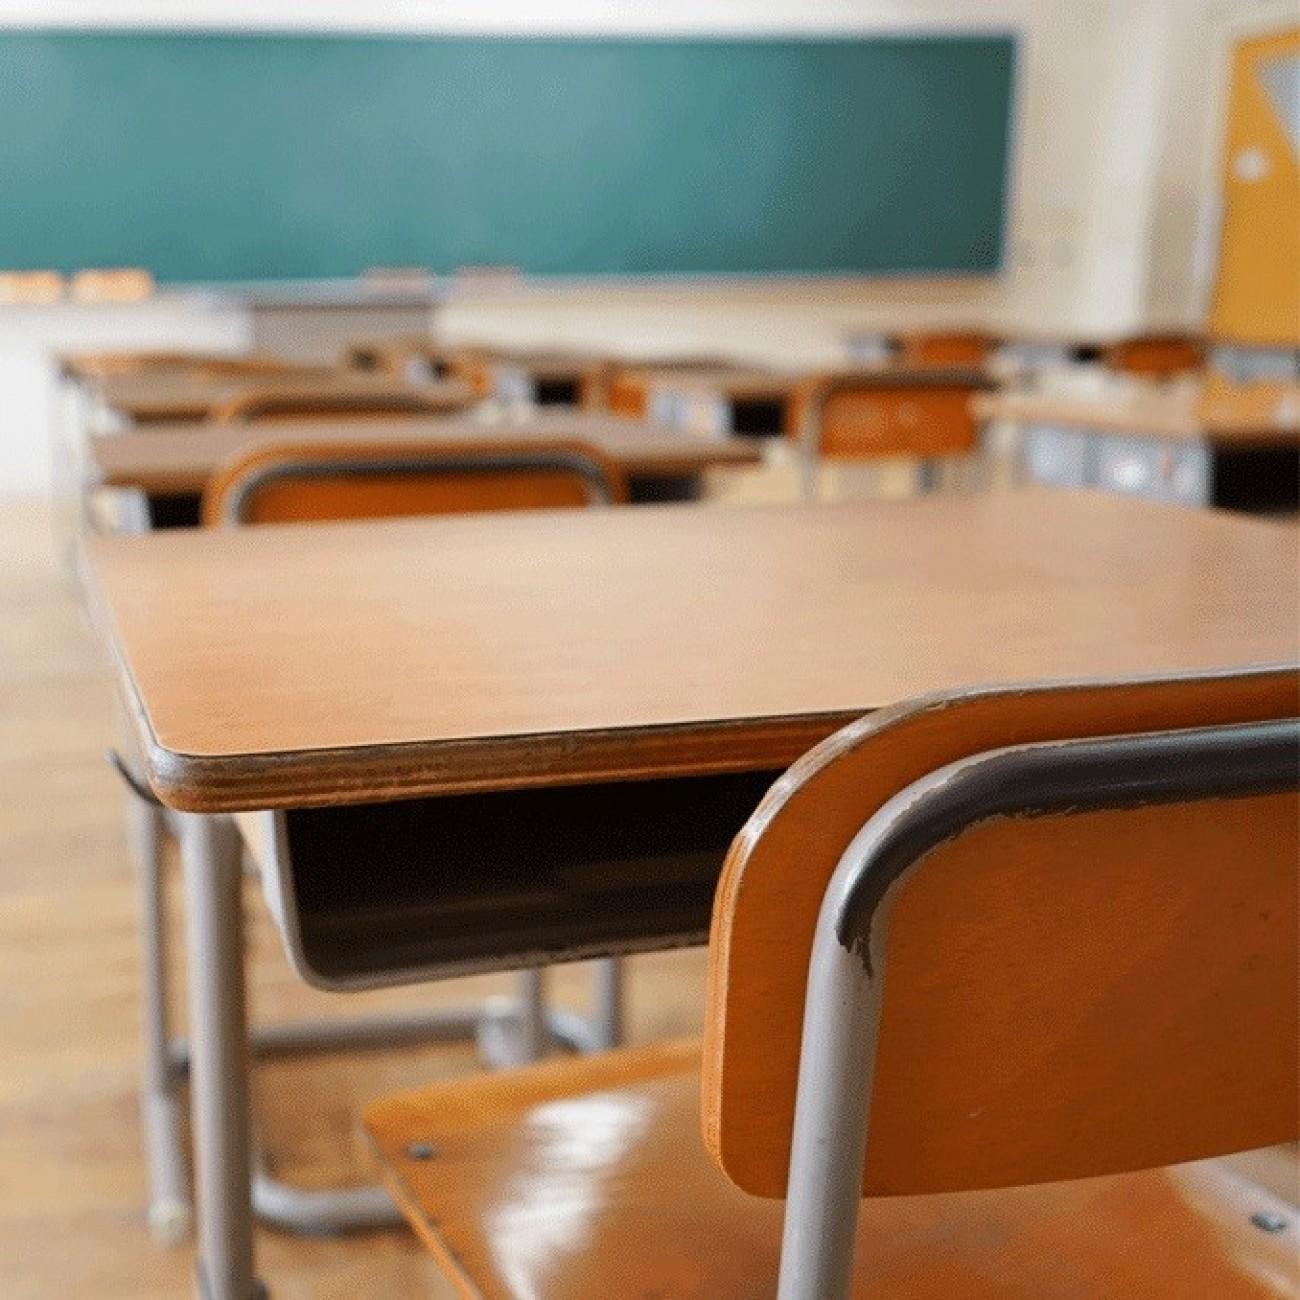 Se prevé que durante todo el mes de abril la educación seguirá trabajando de manera digital